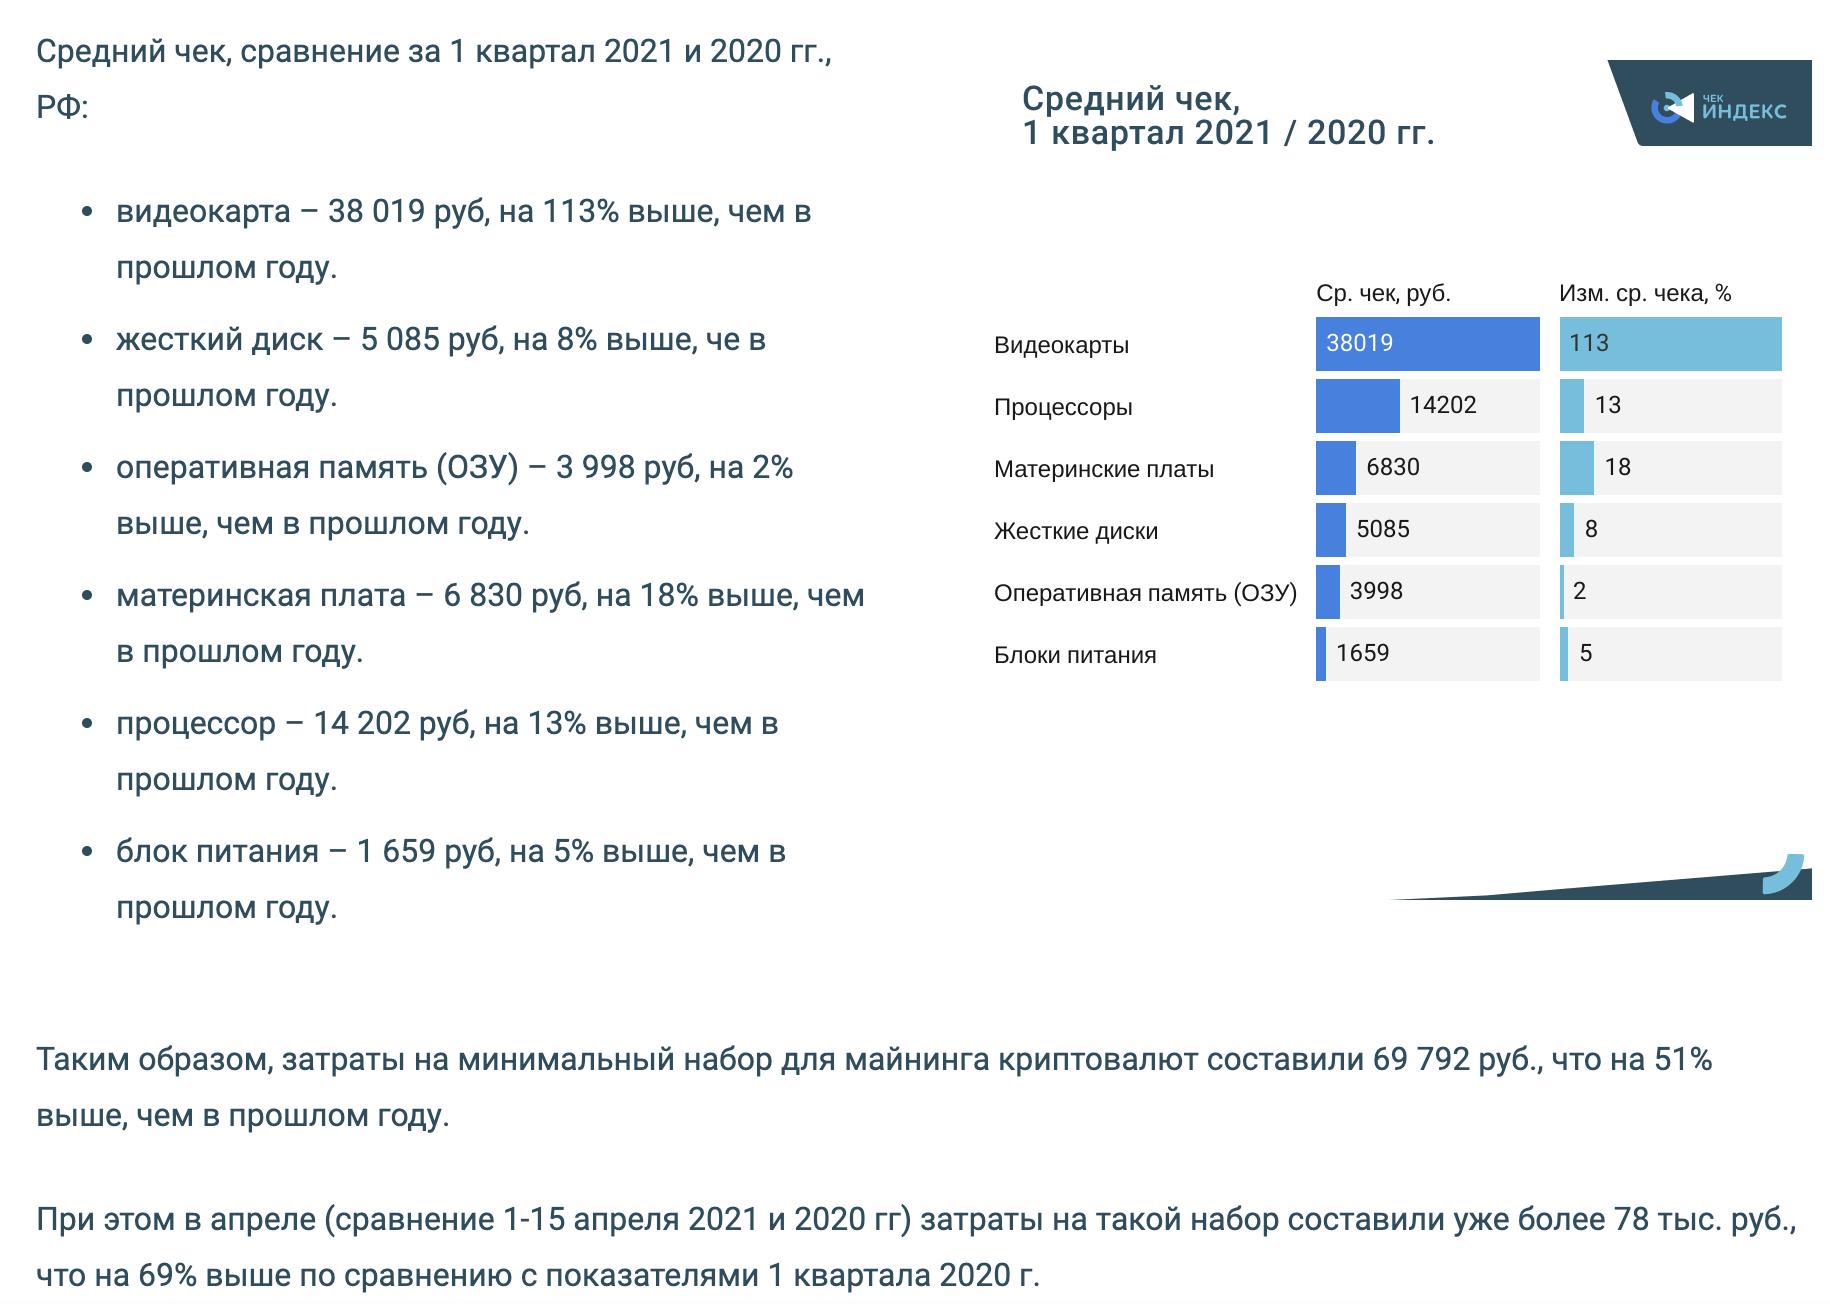 Россияне скупают оборудование для майнинга, Союз потребителей предлагает прогрессивные тарифы на электричество - 1